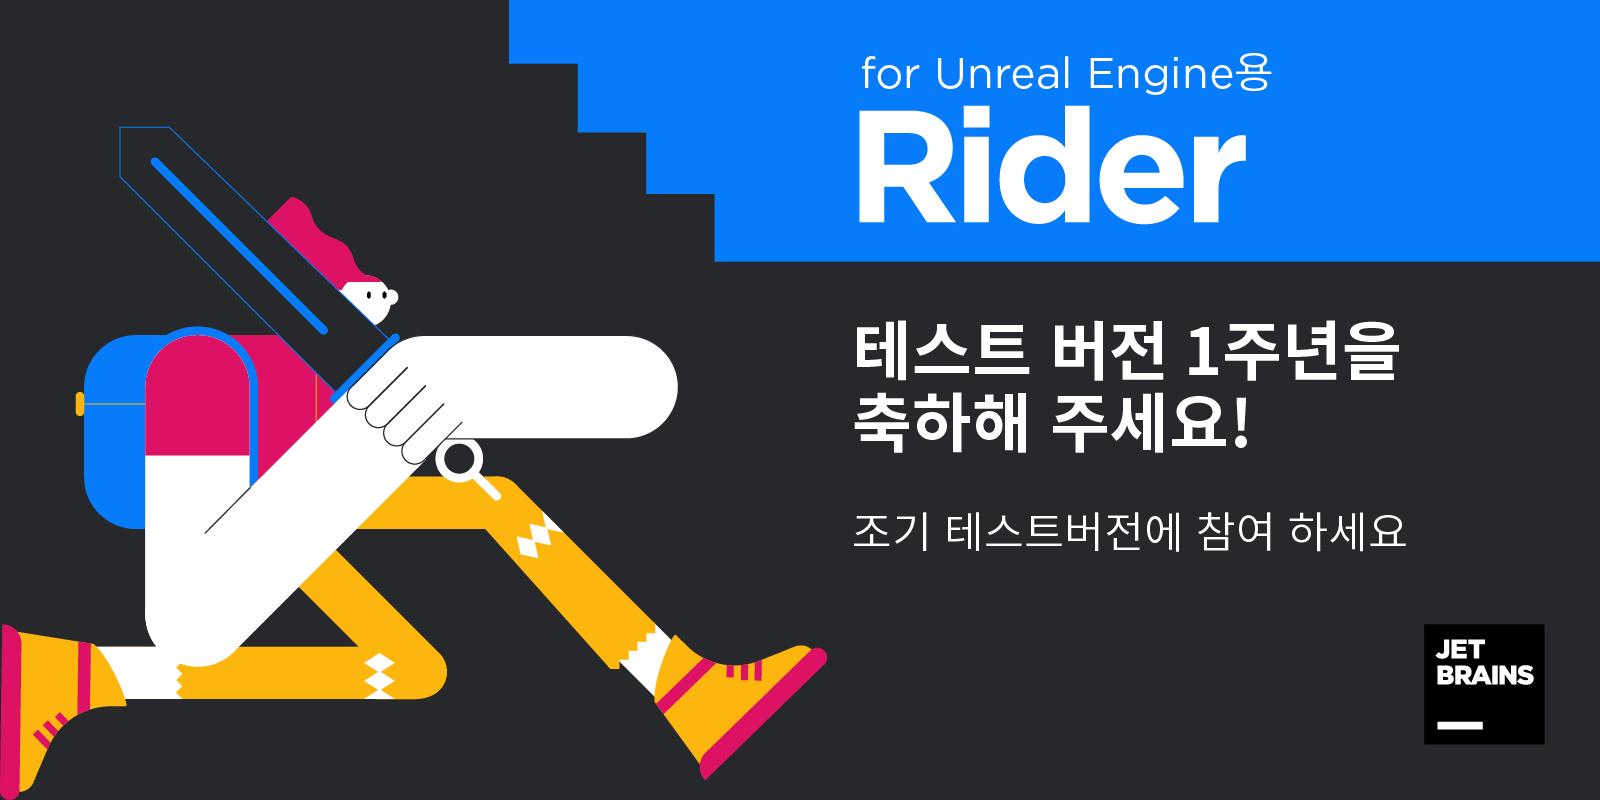 Rider4UE 테스트 버전 1주년